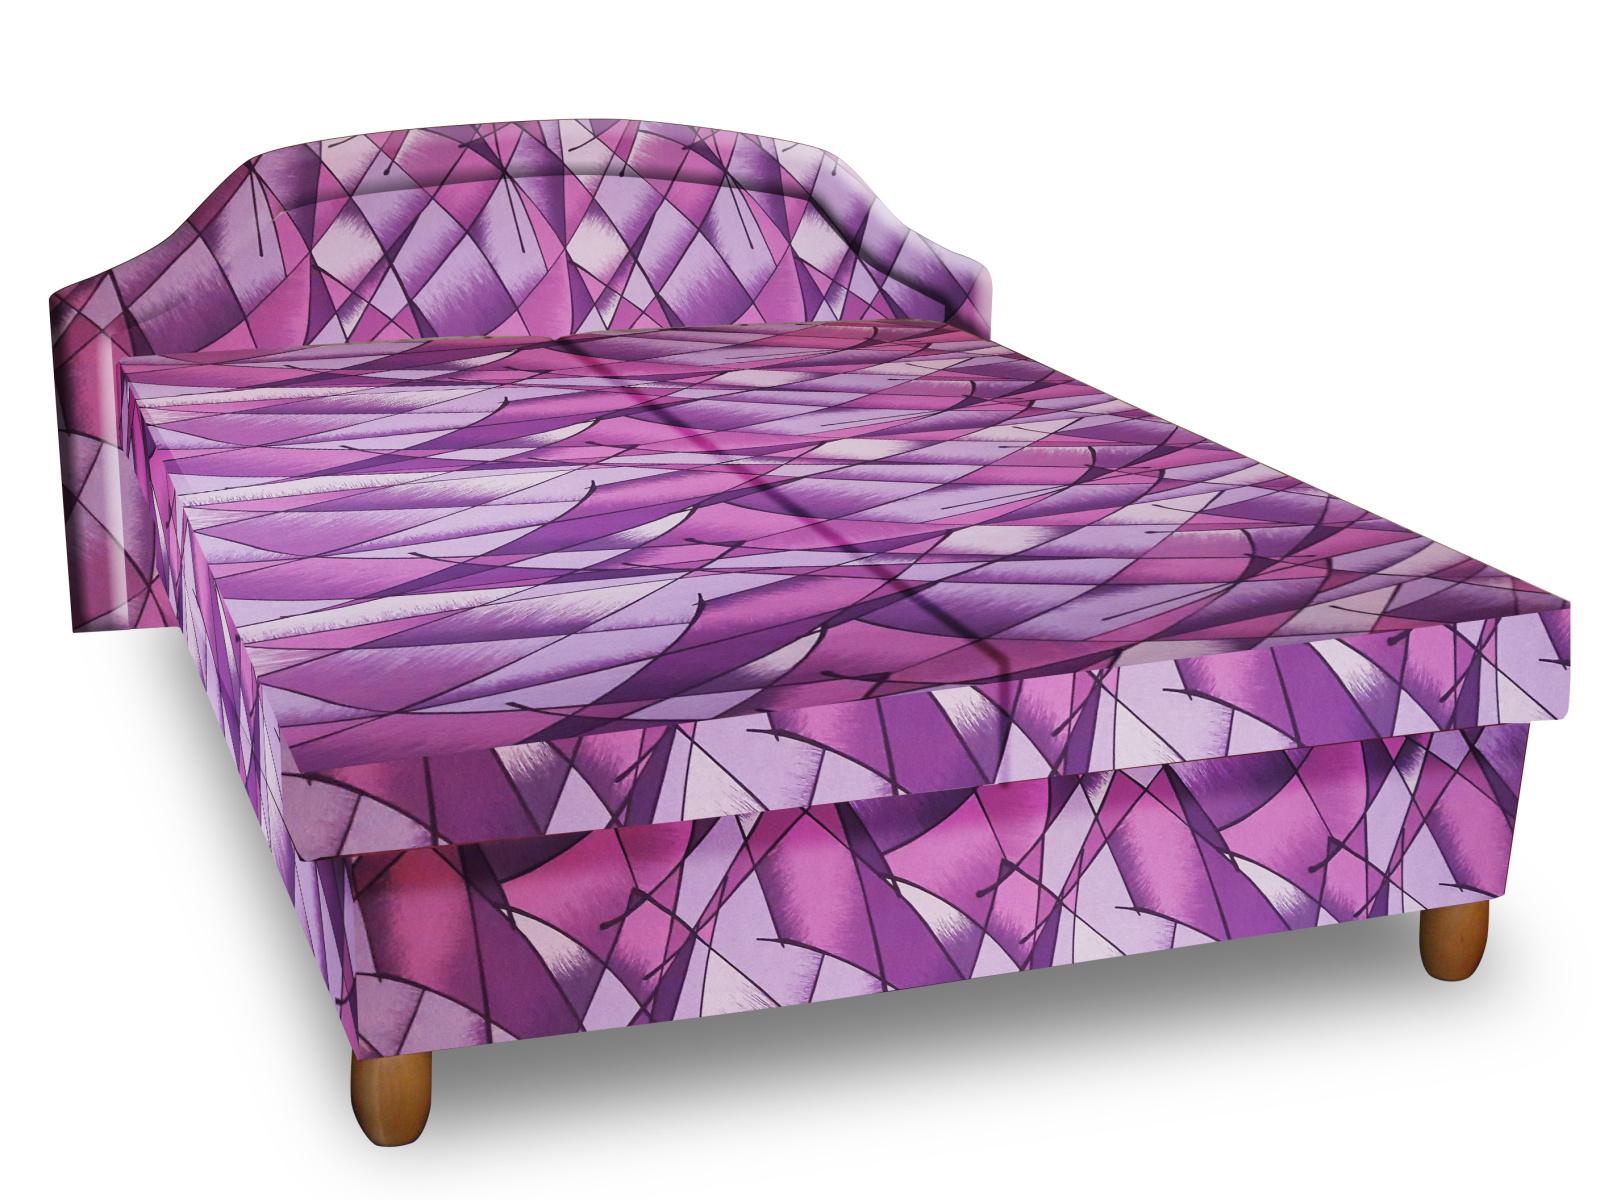 Smartshop Čalouněná postel KARINA 160x195 cm, fialová látka